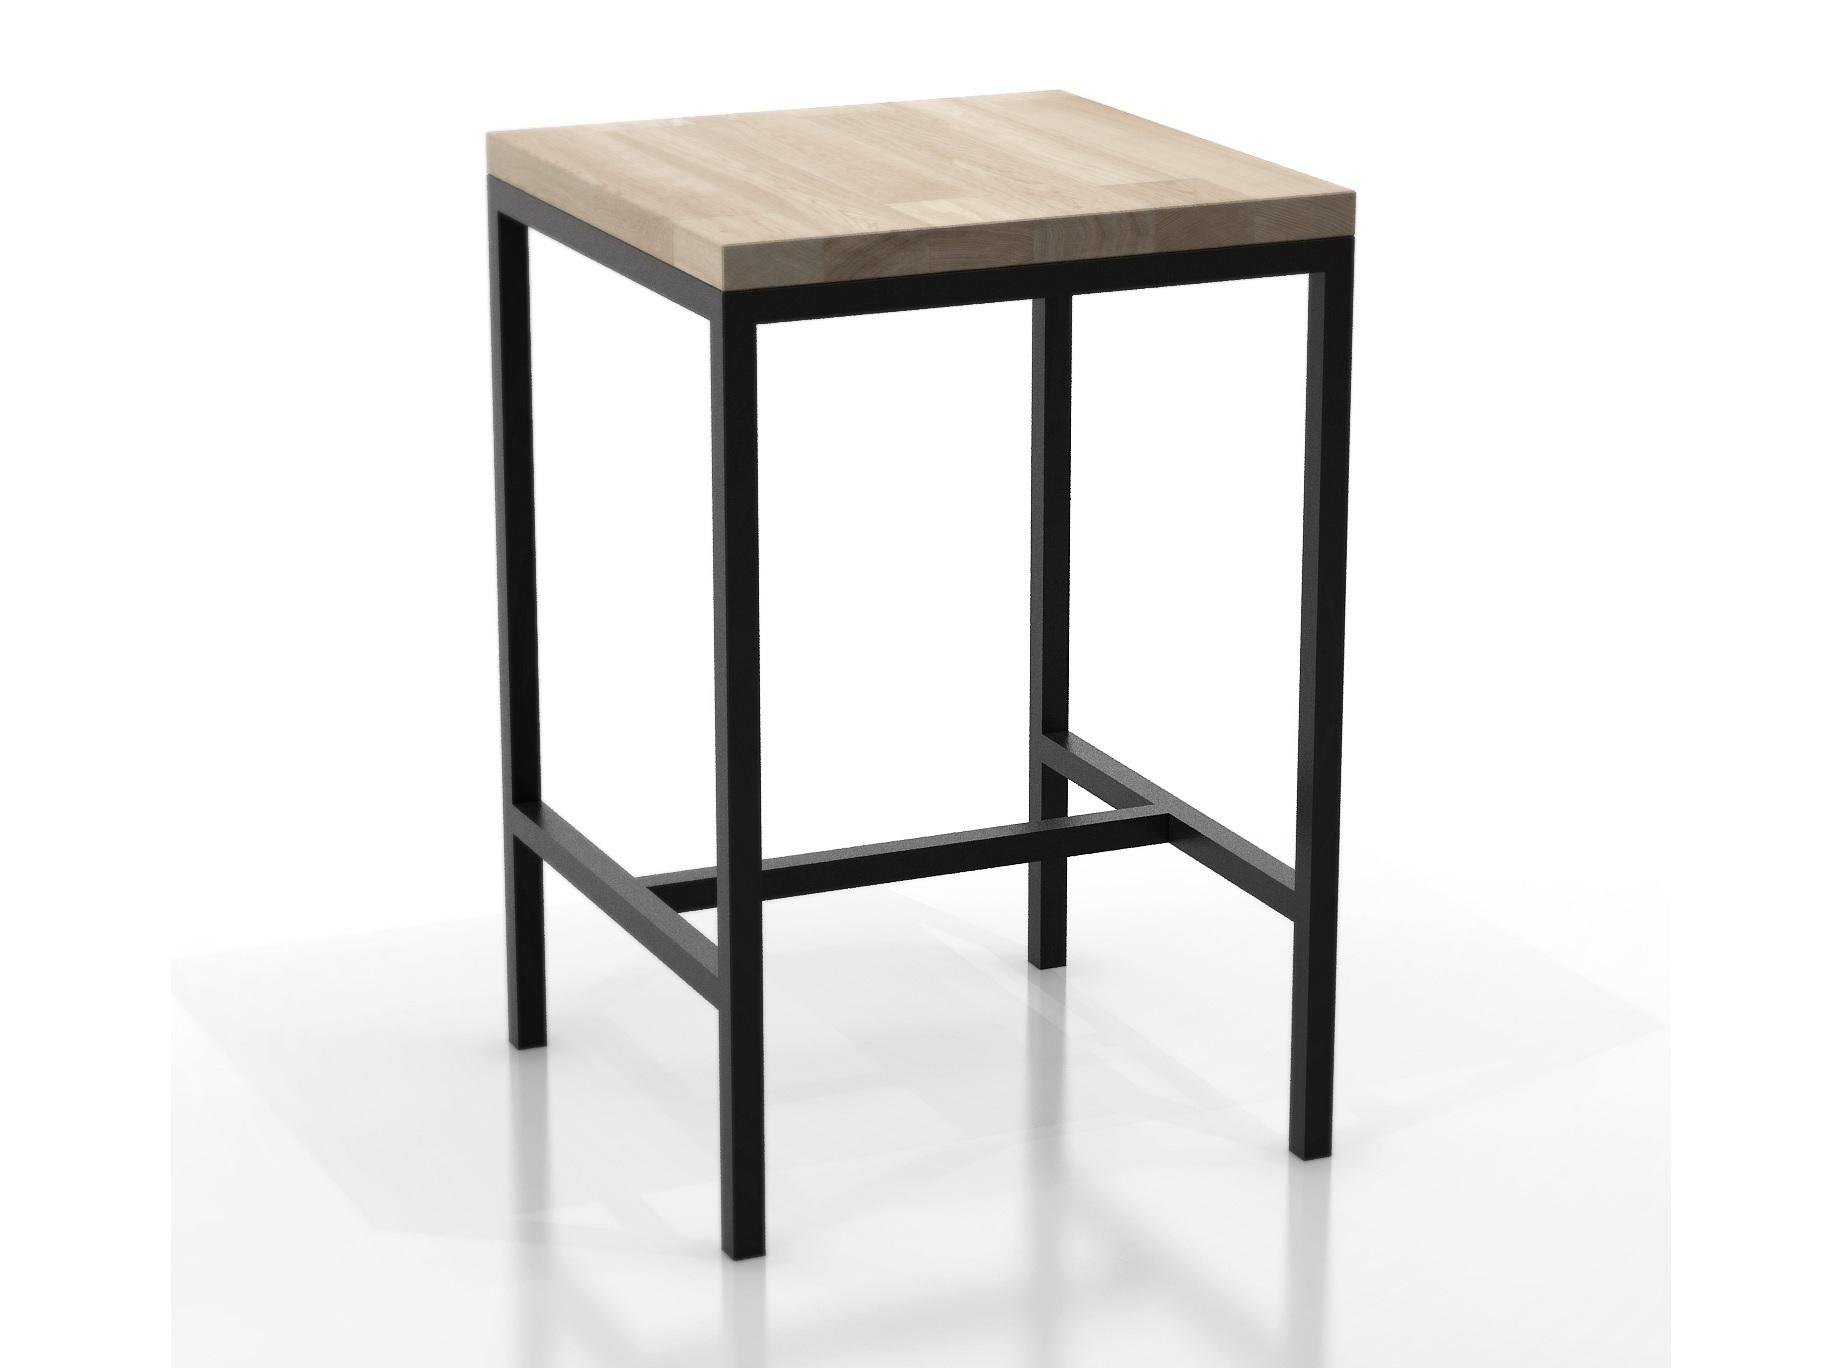 Стол барный Metalframe oakБарные столы<br>Материал: дубовый мебельный щит, стальная труба 3 х 3 см. На основание крепится мебельный войлок.Возможно изготовление любых размеров, стоимость необходимо уточнять.Ширина: 60-300 см, глубина: 60-100 см, высота: 91/101/111/121 см.<br><br>kit: None<br>gender: None